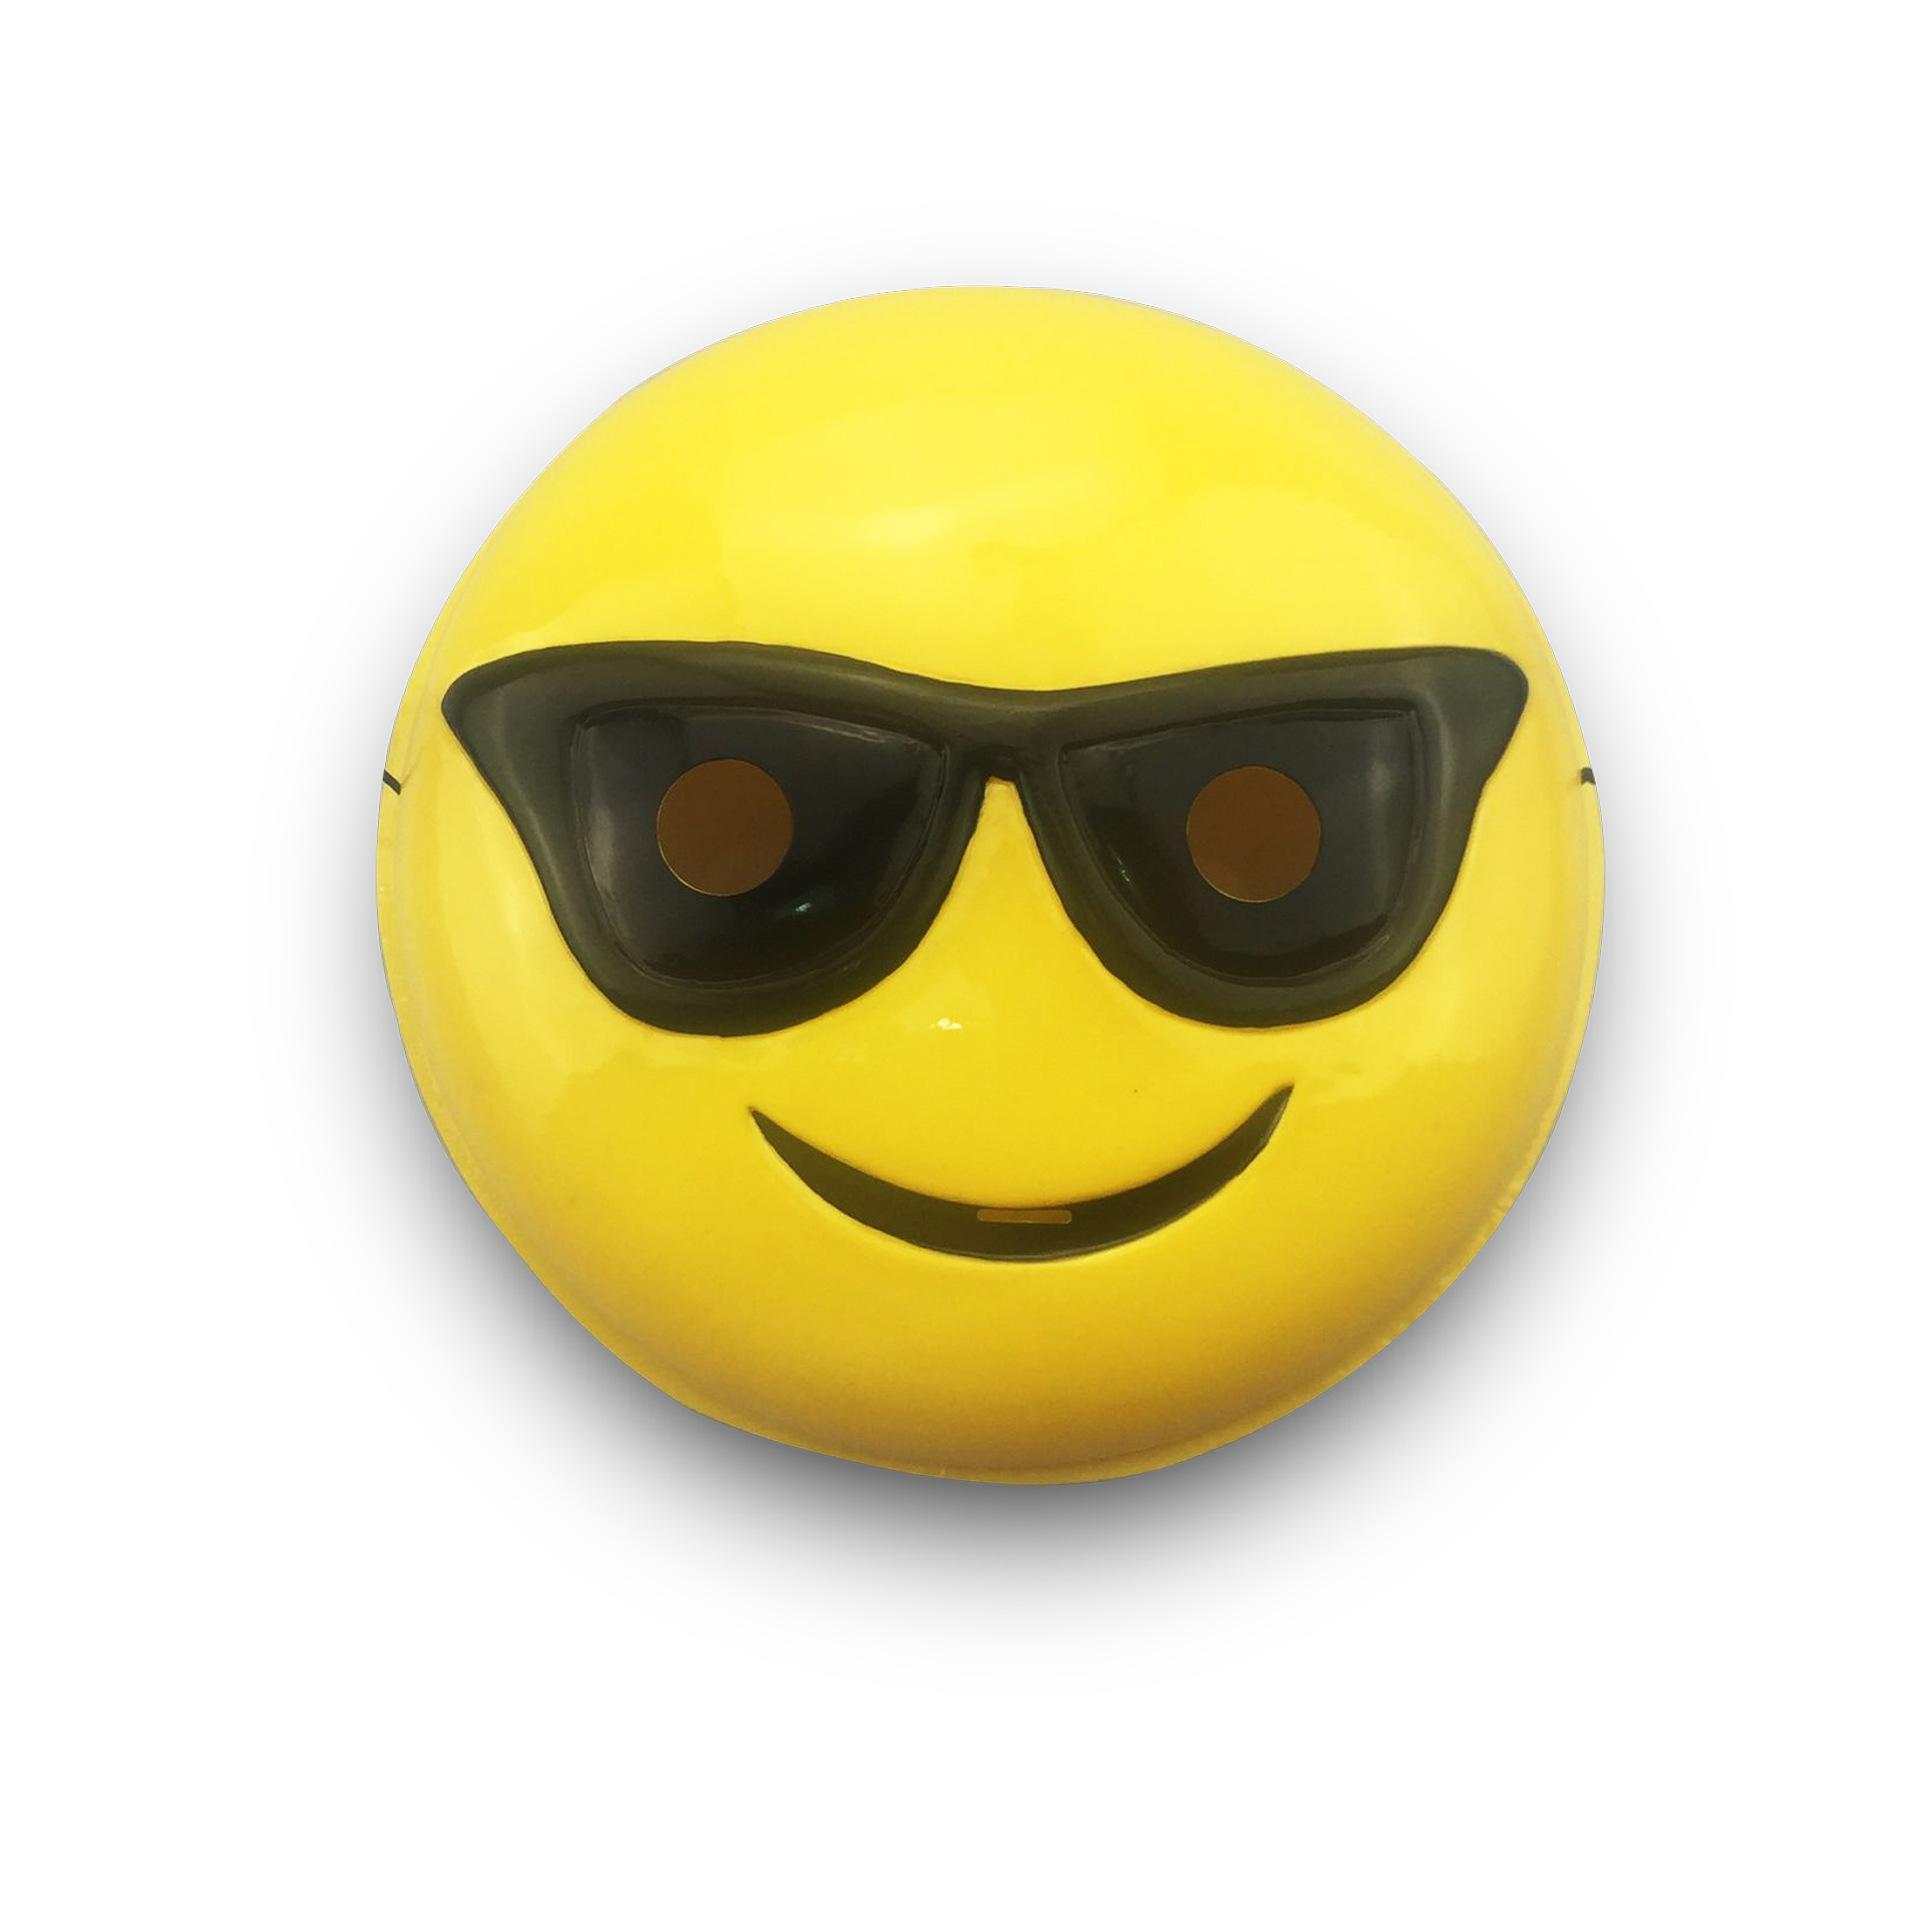 哈哈大笑真人聊天动态表情图_手机搜狐网